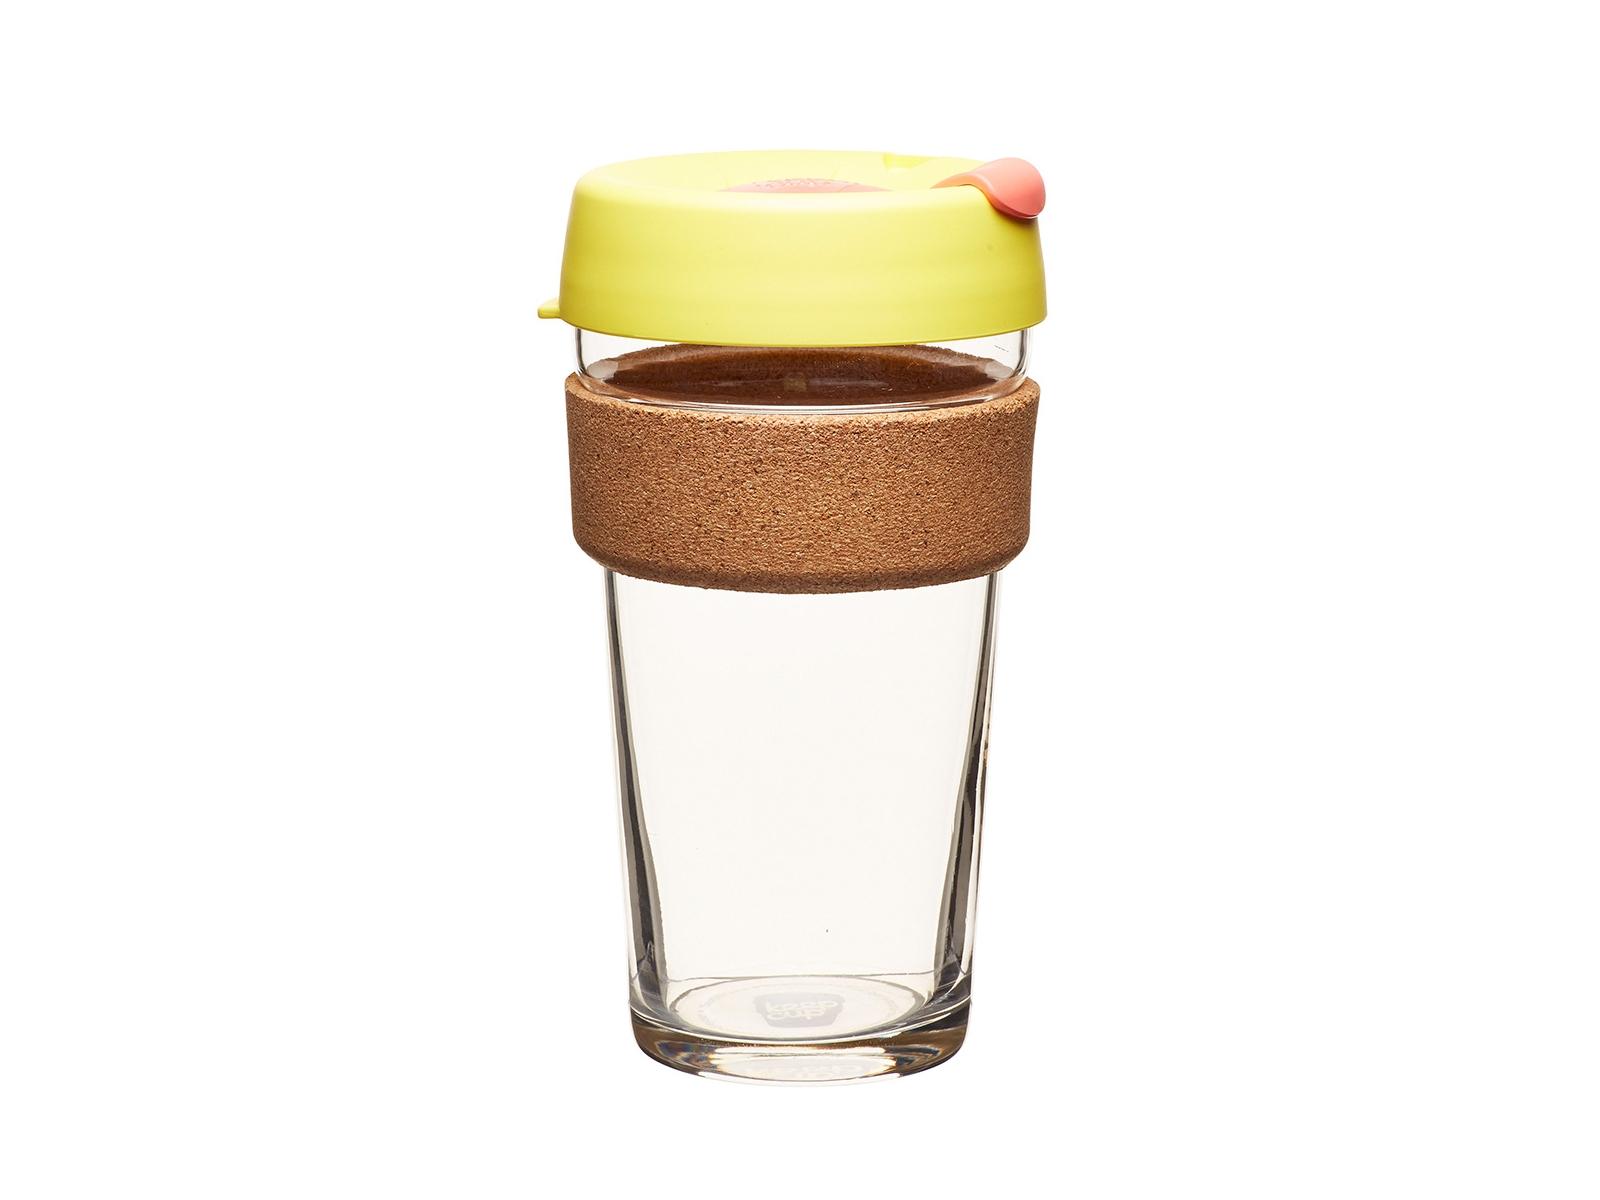 Кружка Keepcup saffronЧайные пары, чашки и кружки<br>Лимитированная серия культовых кружек Keepcup со стенками из закаленного стекла, еще более удобной крышкой и уникальным пояском из пробкового дерева.  <br>Кружка, созданная с мыслями о вас и о планете. Главная идея KeepCup – вдохновить любителей кофе отказаться от использования одноразовых бумажных и пластиковых стаканов, так как их производство и утилизация наносят вред окружающей среде. В год производится и выбрасывается около 500 миллиардов одноразовых стаканчиков, а ведь планета у нас всего одна! <br>Но главный плюс кружки  – привлекательный дизайн, который станет отражением вашего личного стиля. Берите её в кафе или наливайте кофе, чай, сок дома, чтобы взять с собой - пить вкусные напитки на ходу, на работе или на пикнике. Специальная крышка с открывающимся и закрывающимся клапаном спасет от брызг, плотный ободок поможет не обжечься (плюс, удобно держать кружку в руках.<br>Крышка сделана без содержания вредного бисфенола (BPA-free). Корпус - из закаленного стекла, устойчивого к термическому и механическому воздействию.&amp;lt;div&amp;gt;&amp;lt;br&amp;gt;&amp;lt;/div&amp;gt;&amp;lt;div&amp;gt;&amp;lt;span style=&amp;quot;line-height: 24.9999px;&amp;quot;&amp;gt;Объем:&amp;amp;nbsp;454 мл.&amp;lt;/span&amp;gt;&amp;lt;br&amp;gt;&amp;lt;/div&amp;gt;<br><br>Material: Стекло<br>Высота см: 15